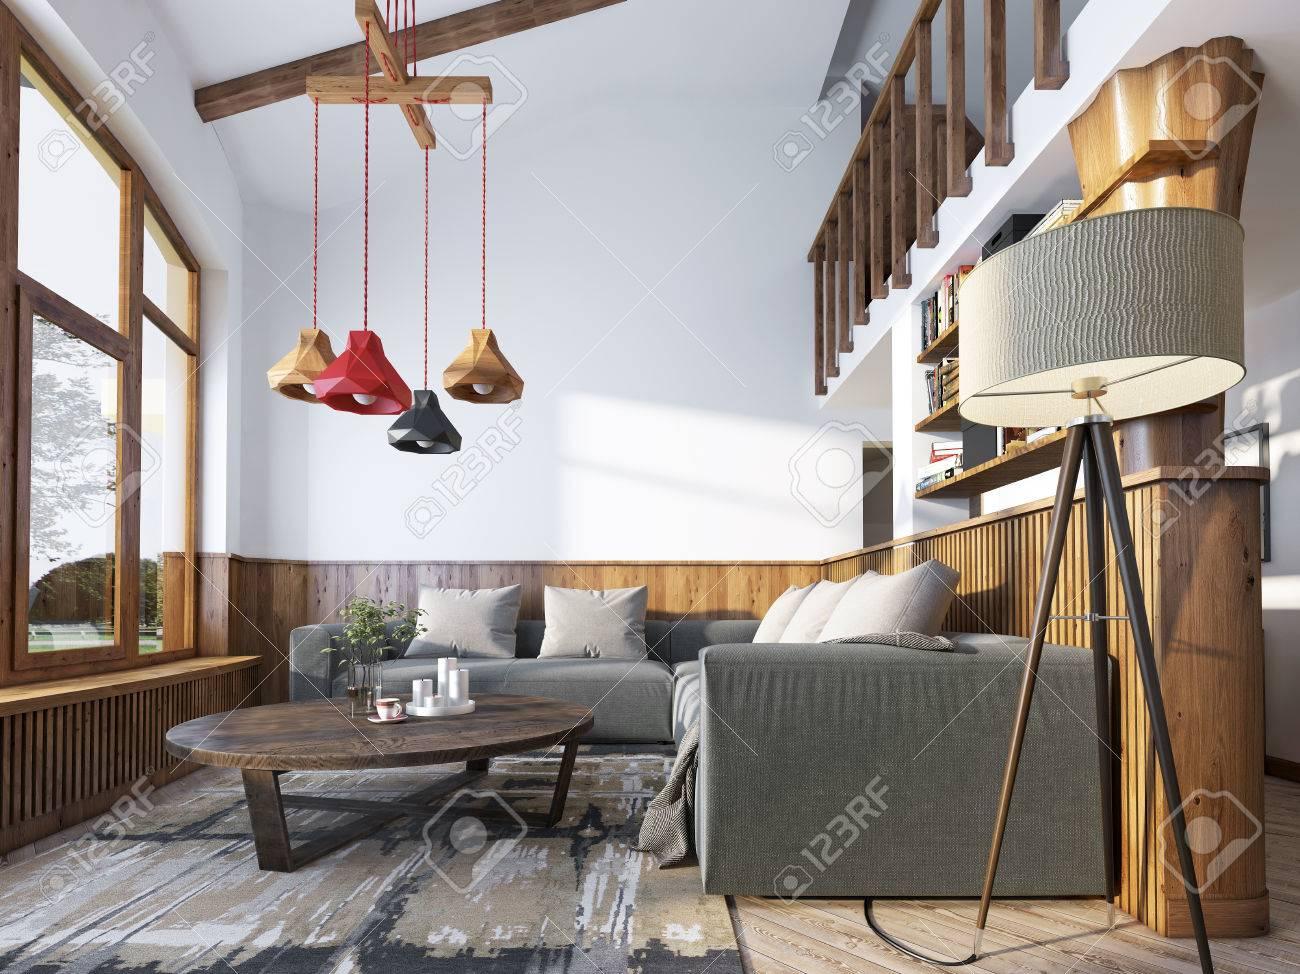 Moderne Wohnzimmer In Einem Loft Stil. Wohnzimmer Mit Ecksofa Und Wand Mit  Holzverkleidung Und